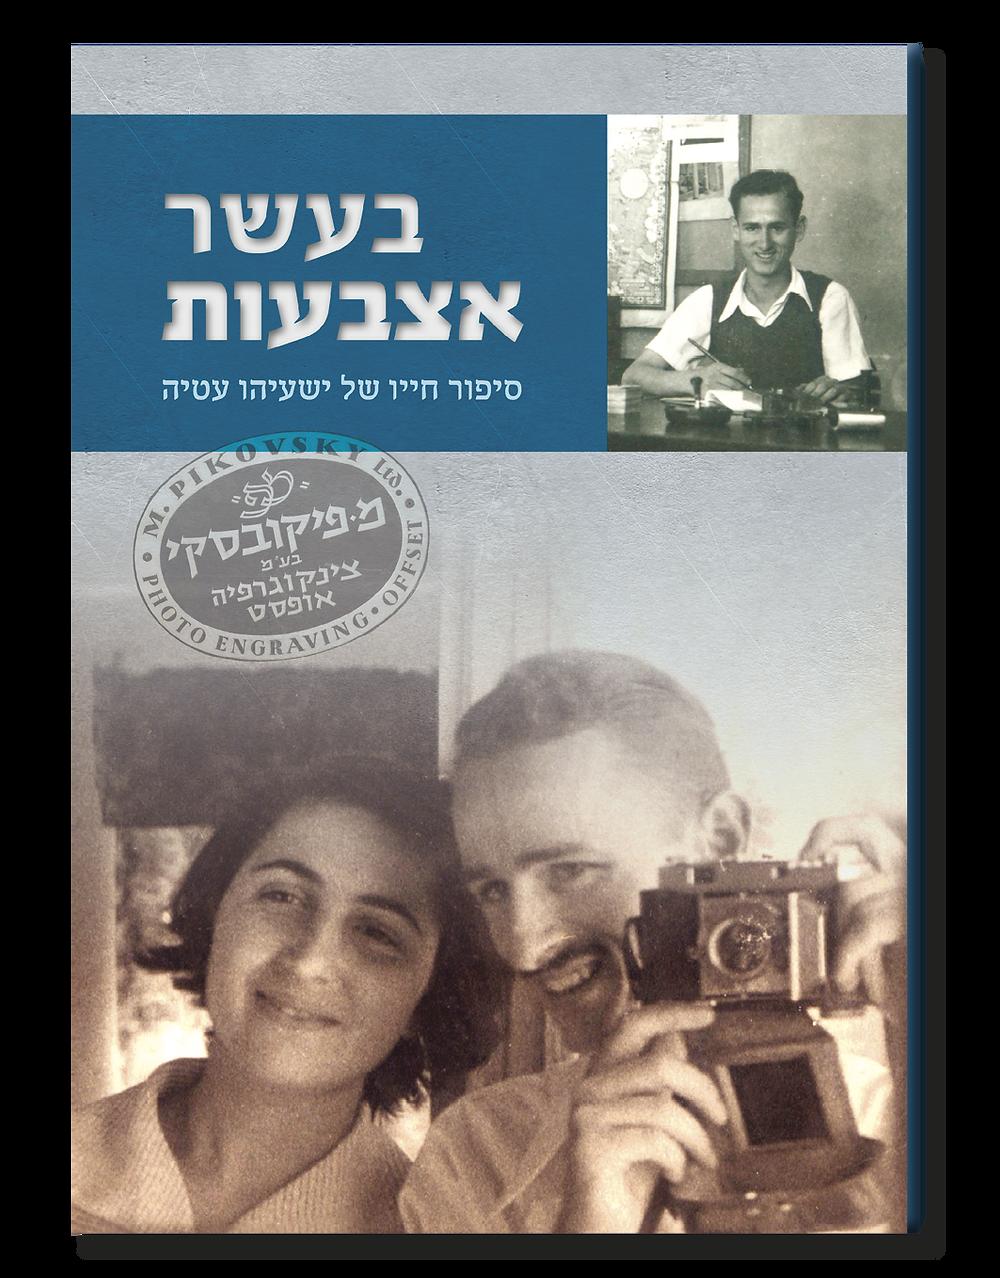 סיפור חיים, ספר ביוגרפיה מאת רמי צינס